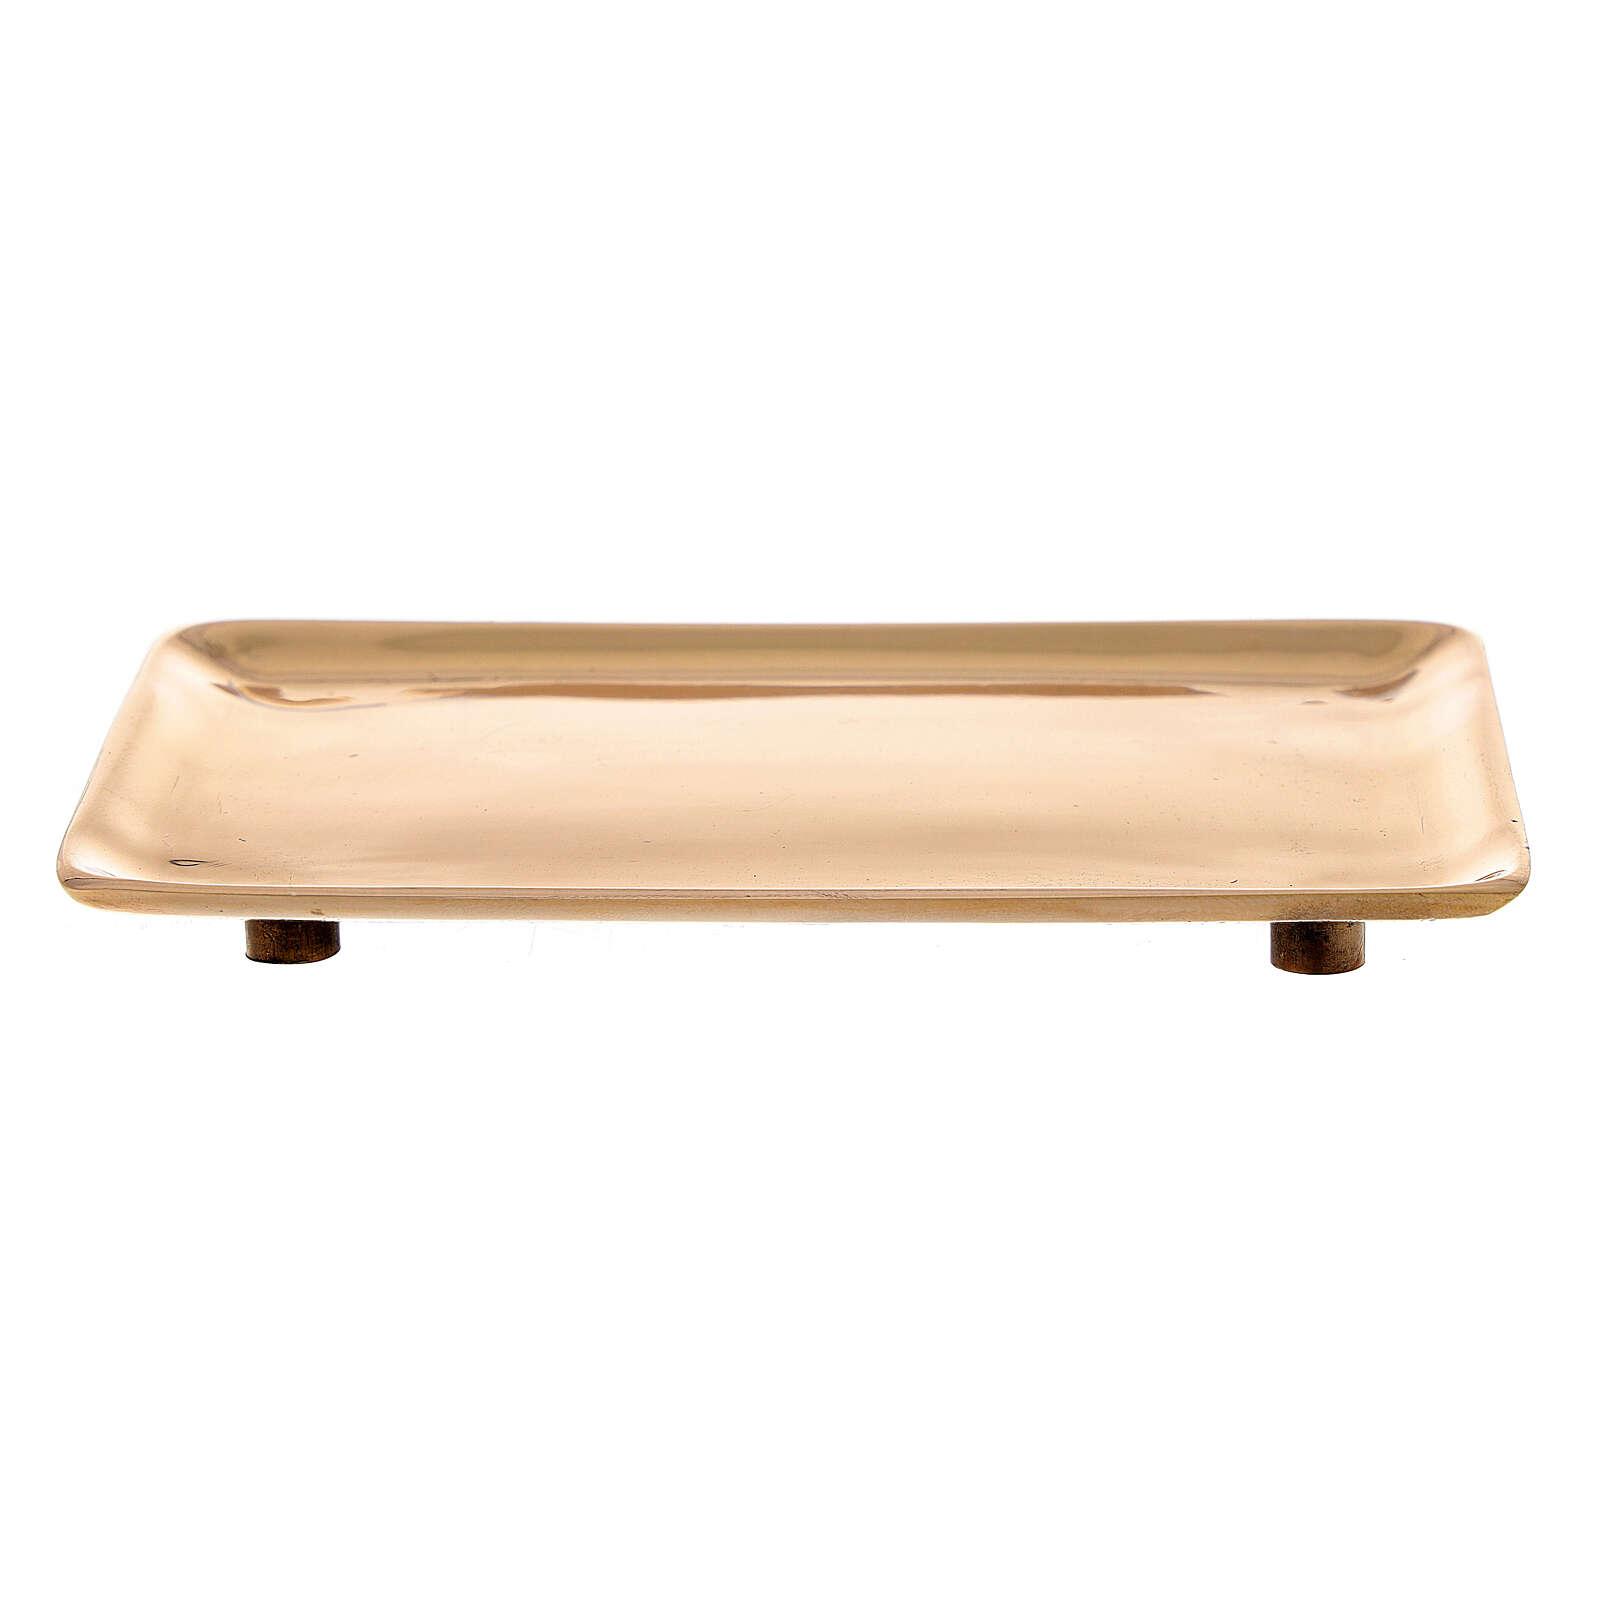 Piatto candela ottone dorato lucido rettangolare 10x7 cm 3